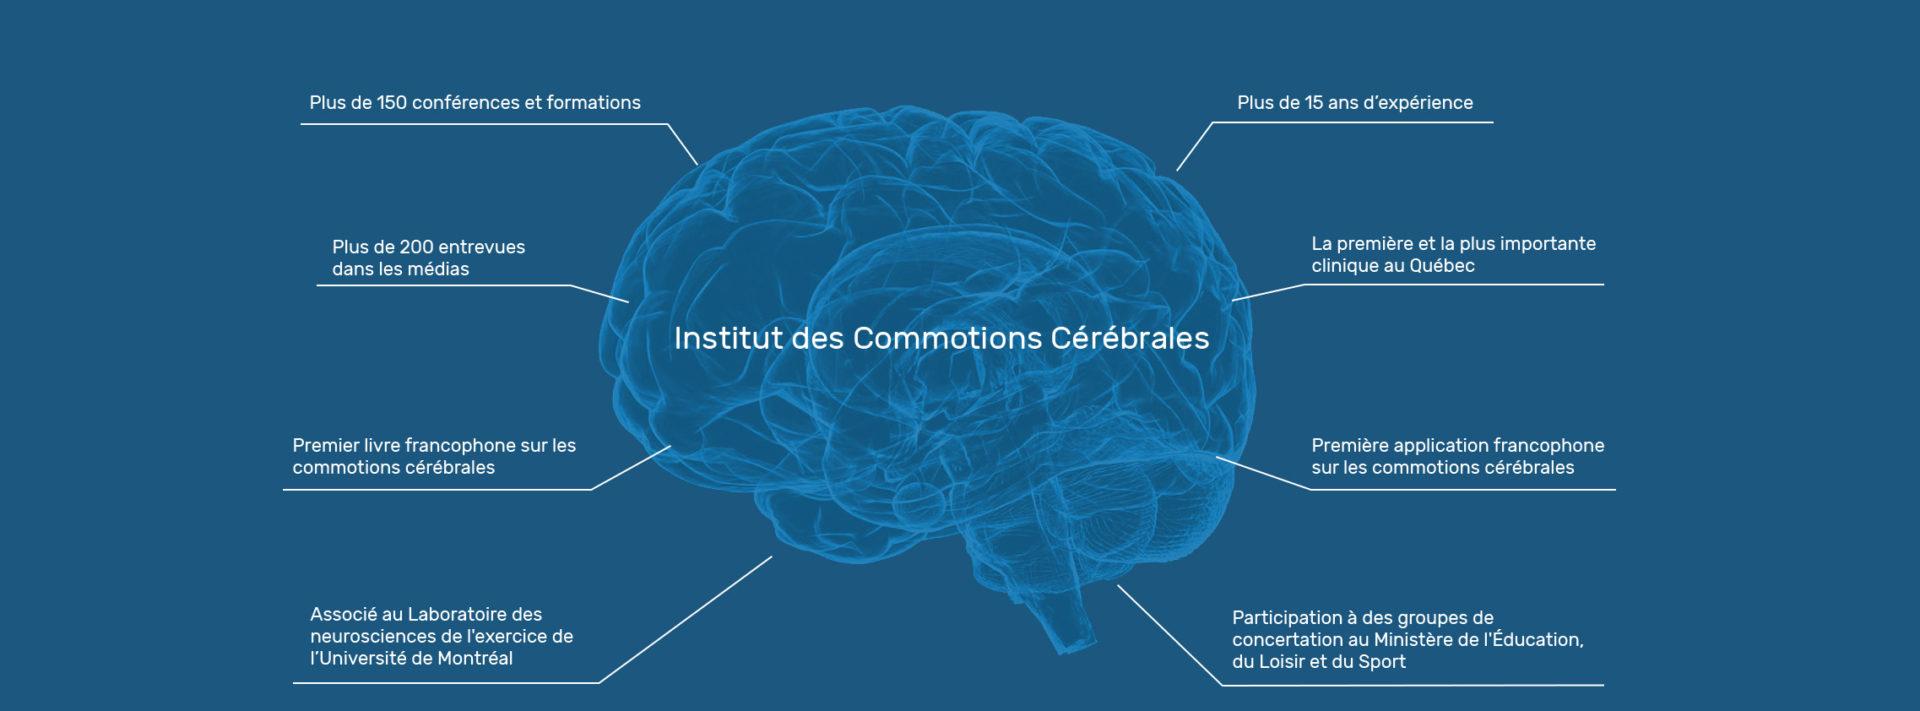 Institut des Commotions Cérébrales